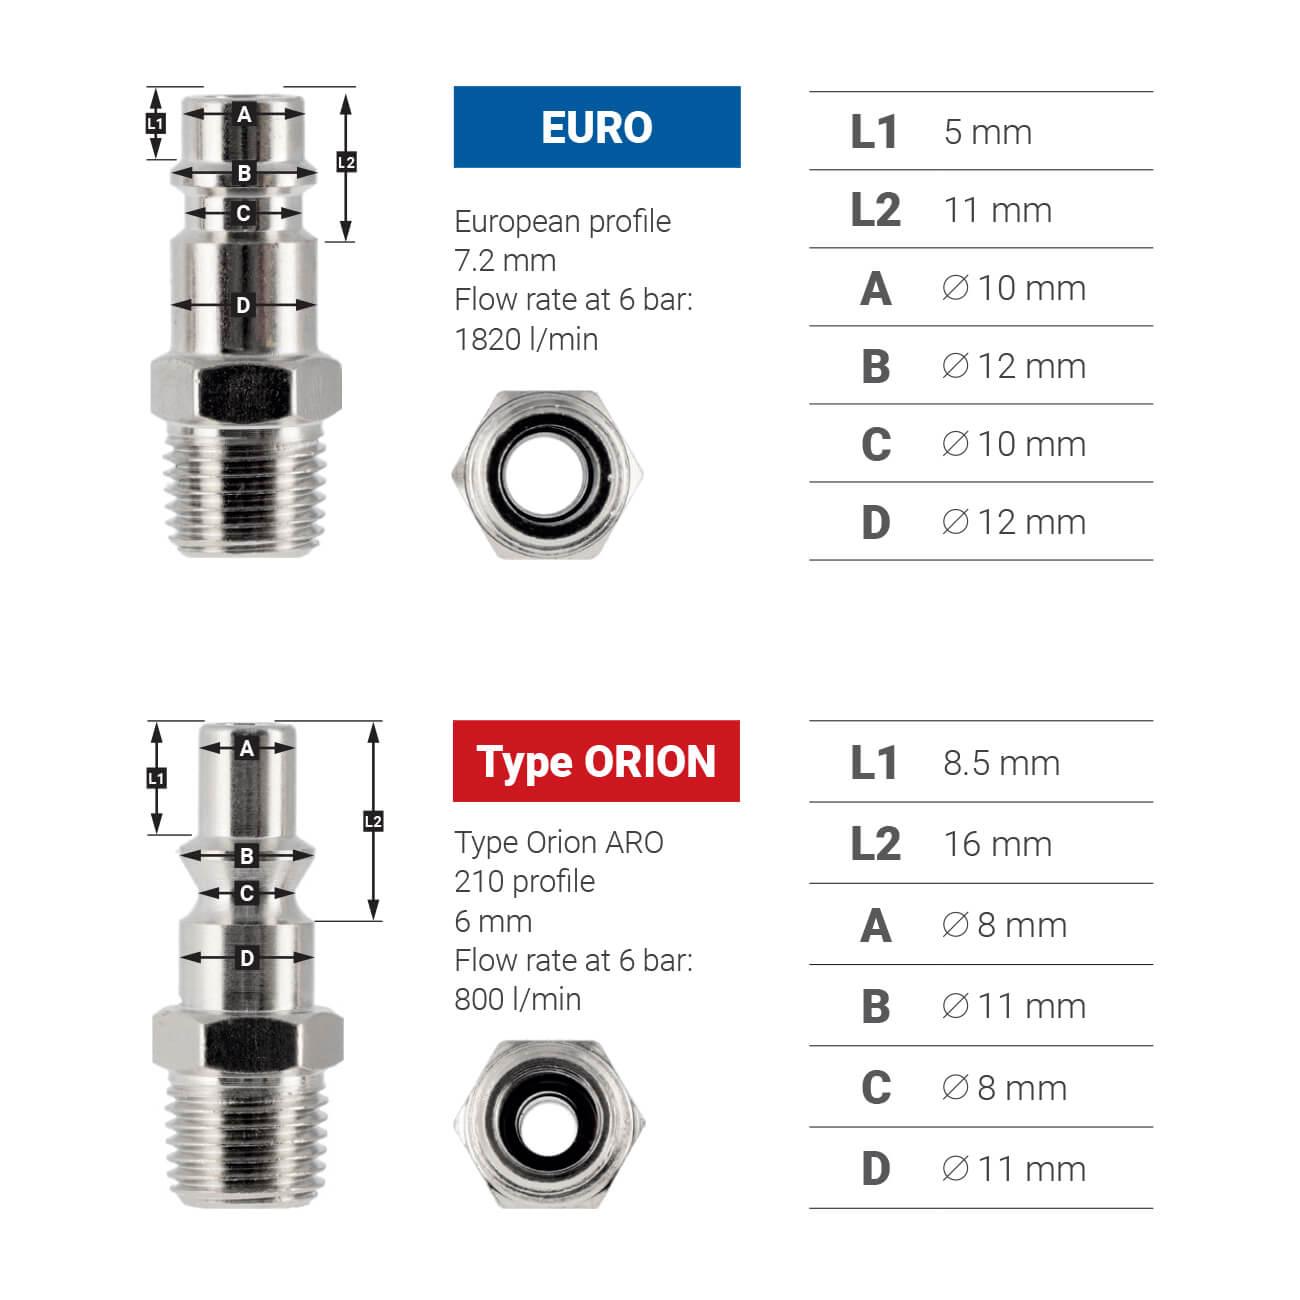 Informatie en verschil tussen Euro en Type Orion